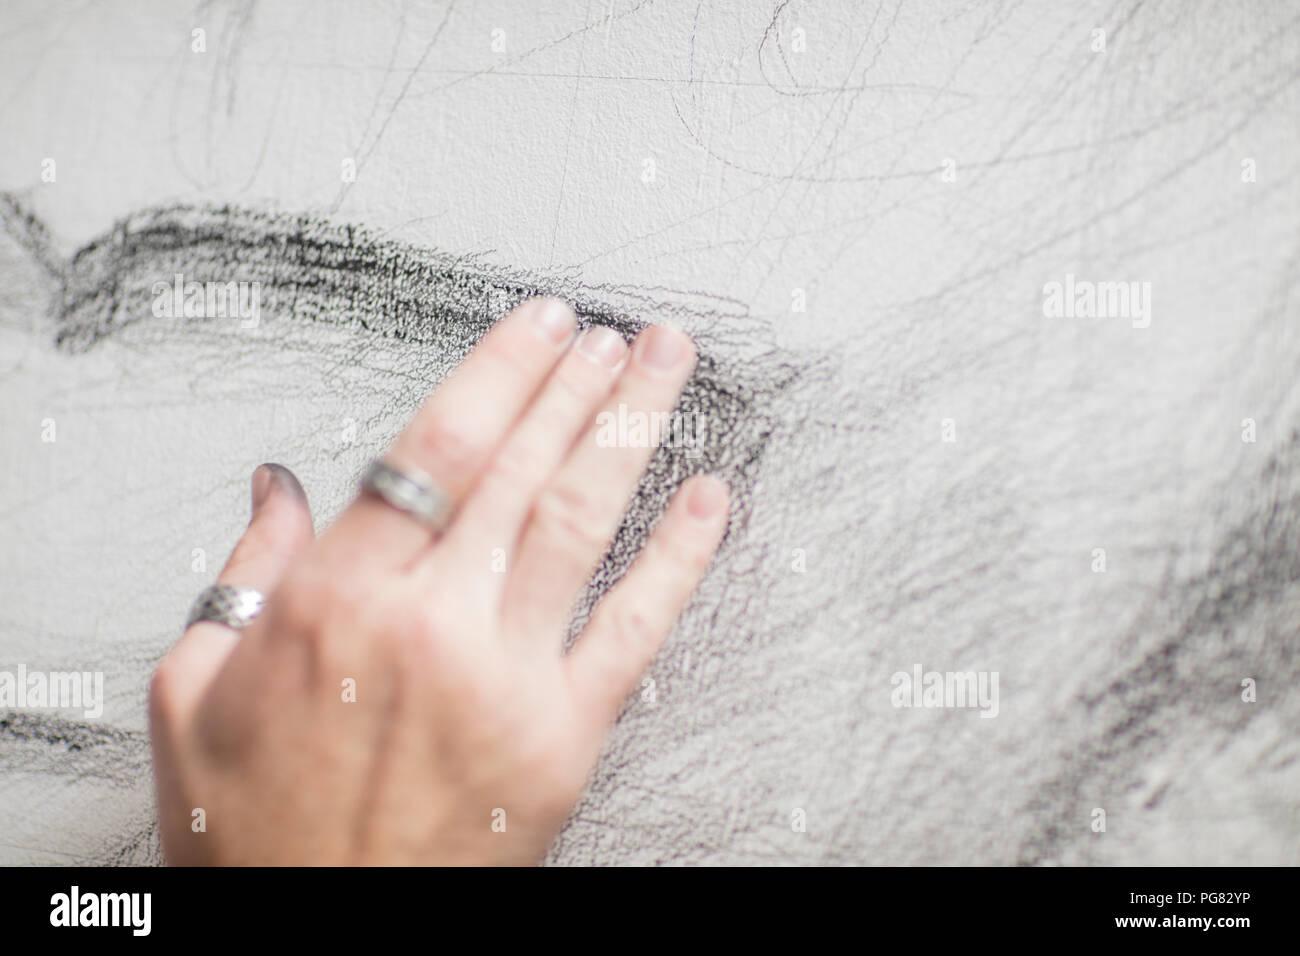 Artista della mano toccando il disegno Immagini Stock